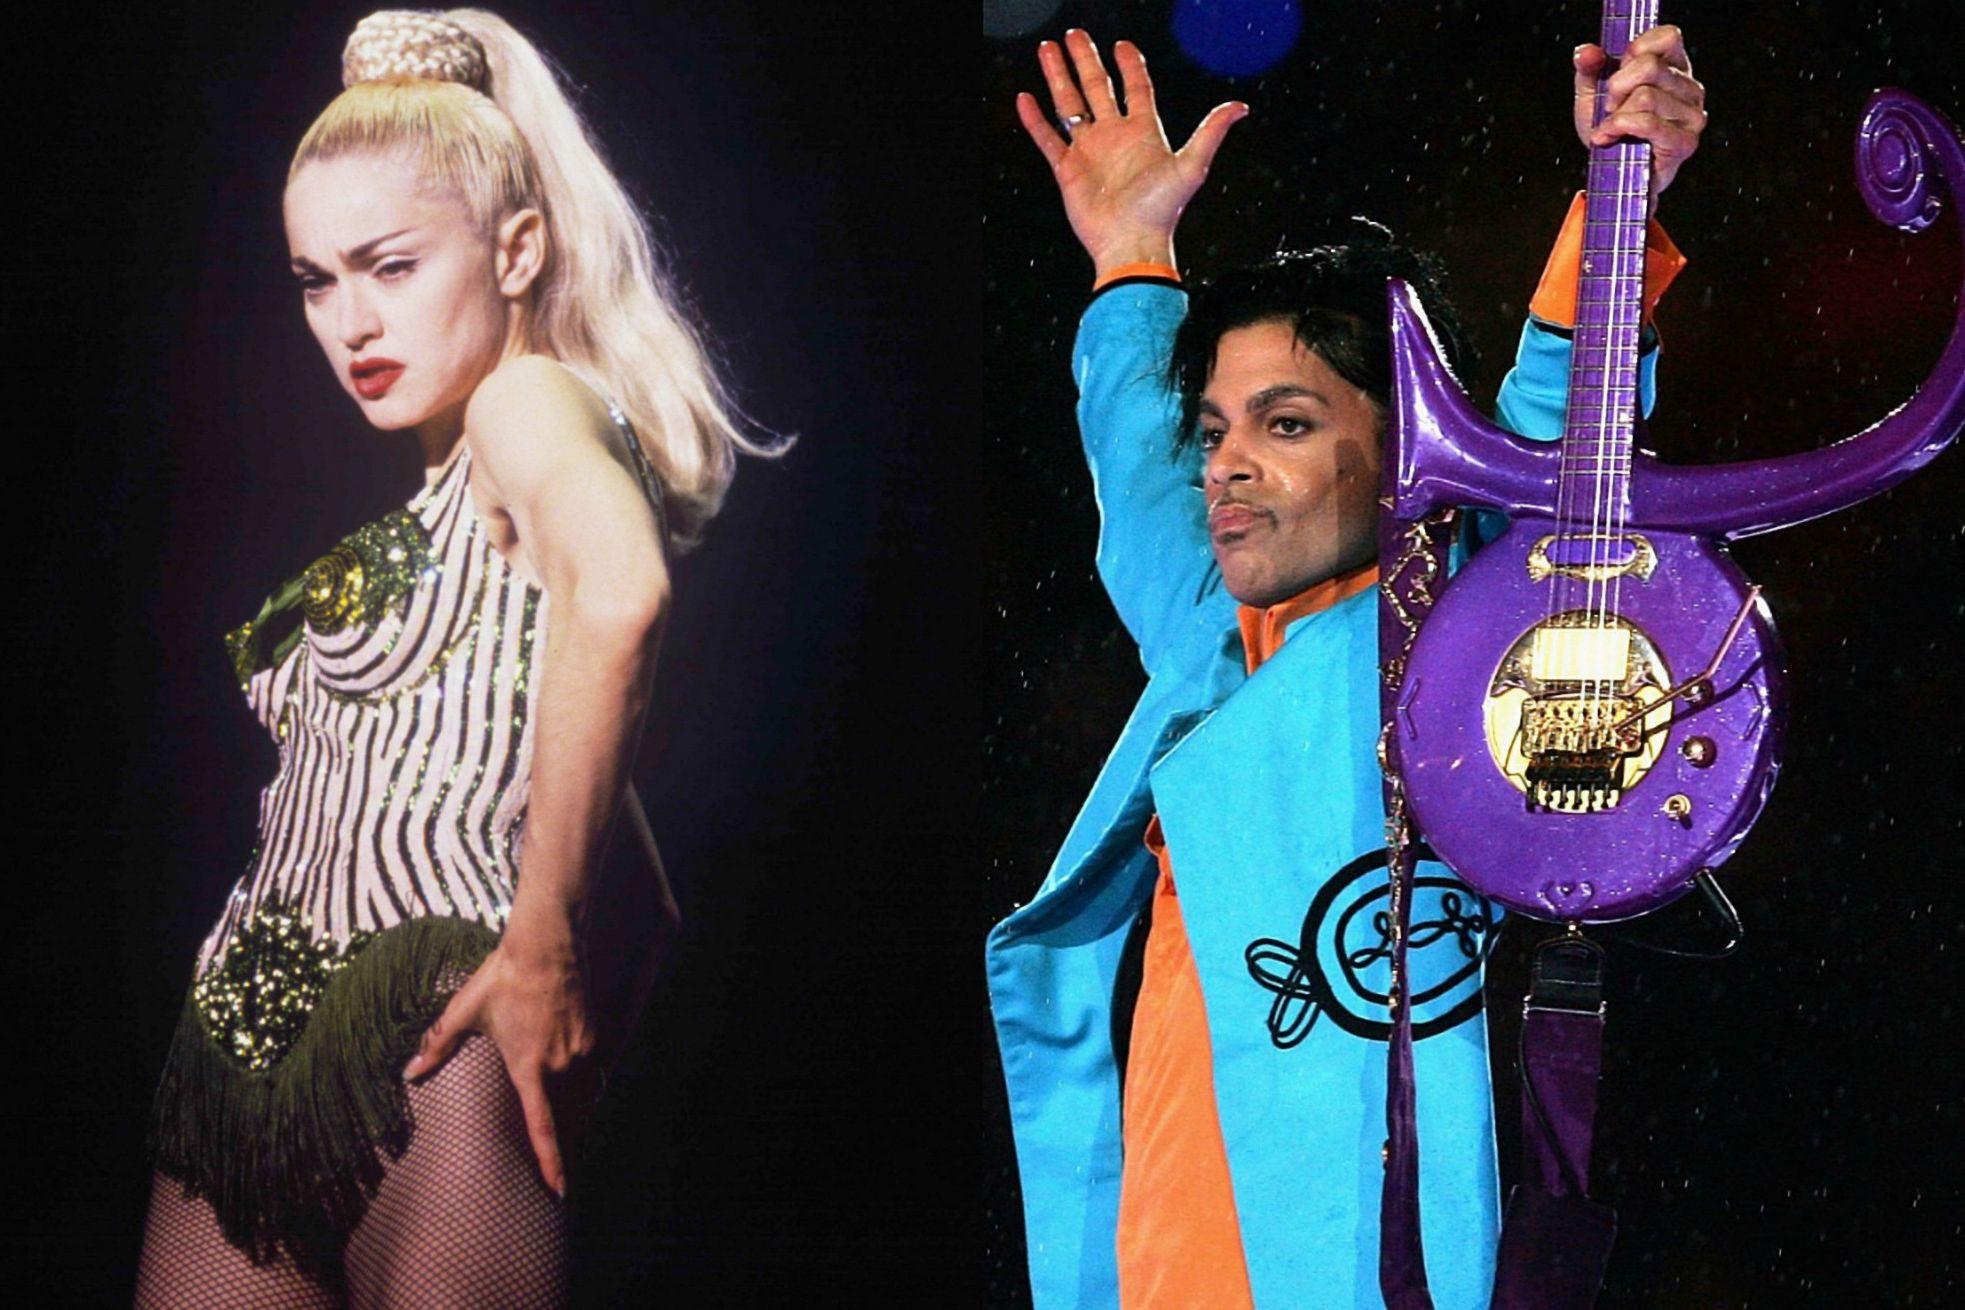 Os looks mais inesquecíves dos artistas em palco